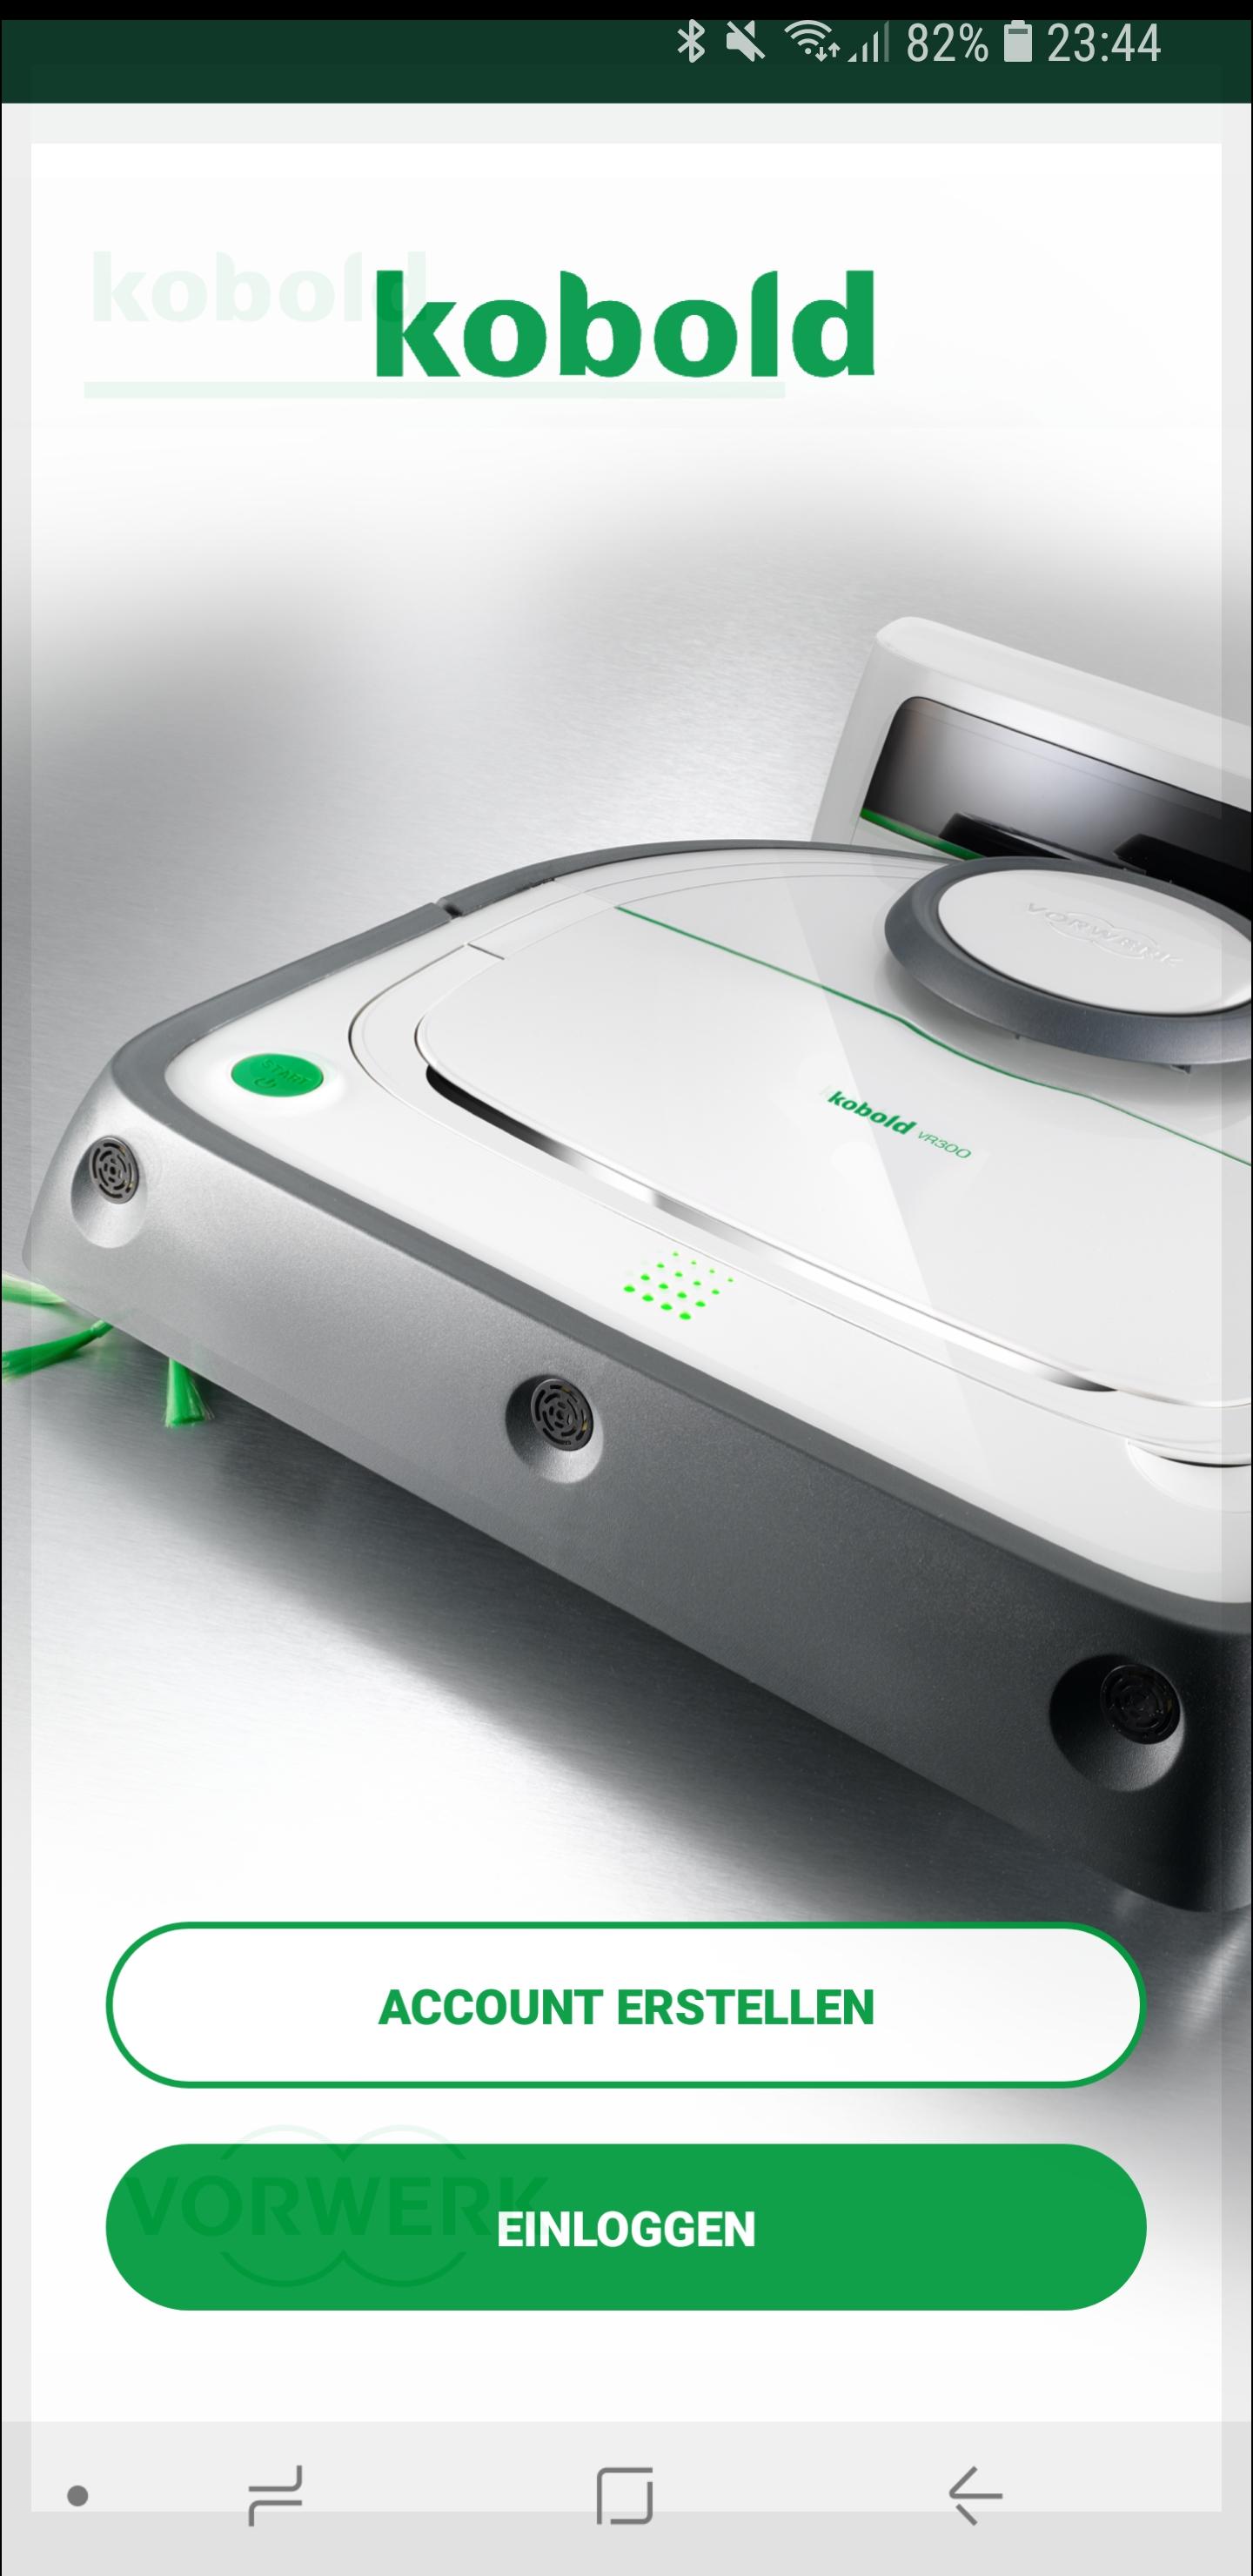 Vorwerk-Kobold-VR300-Einrichten-2